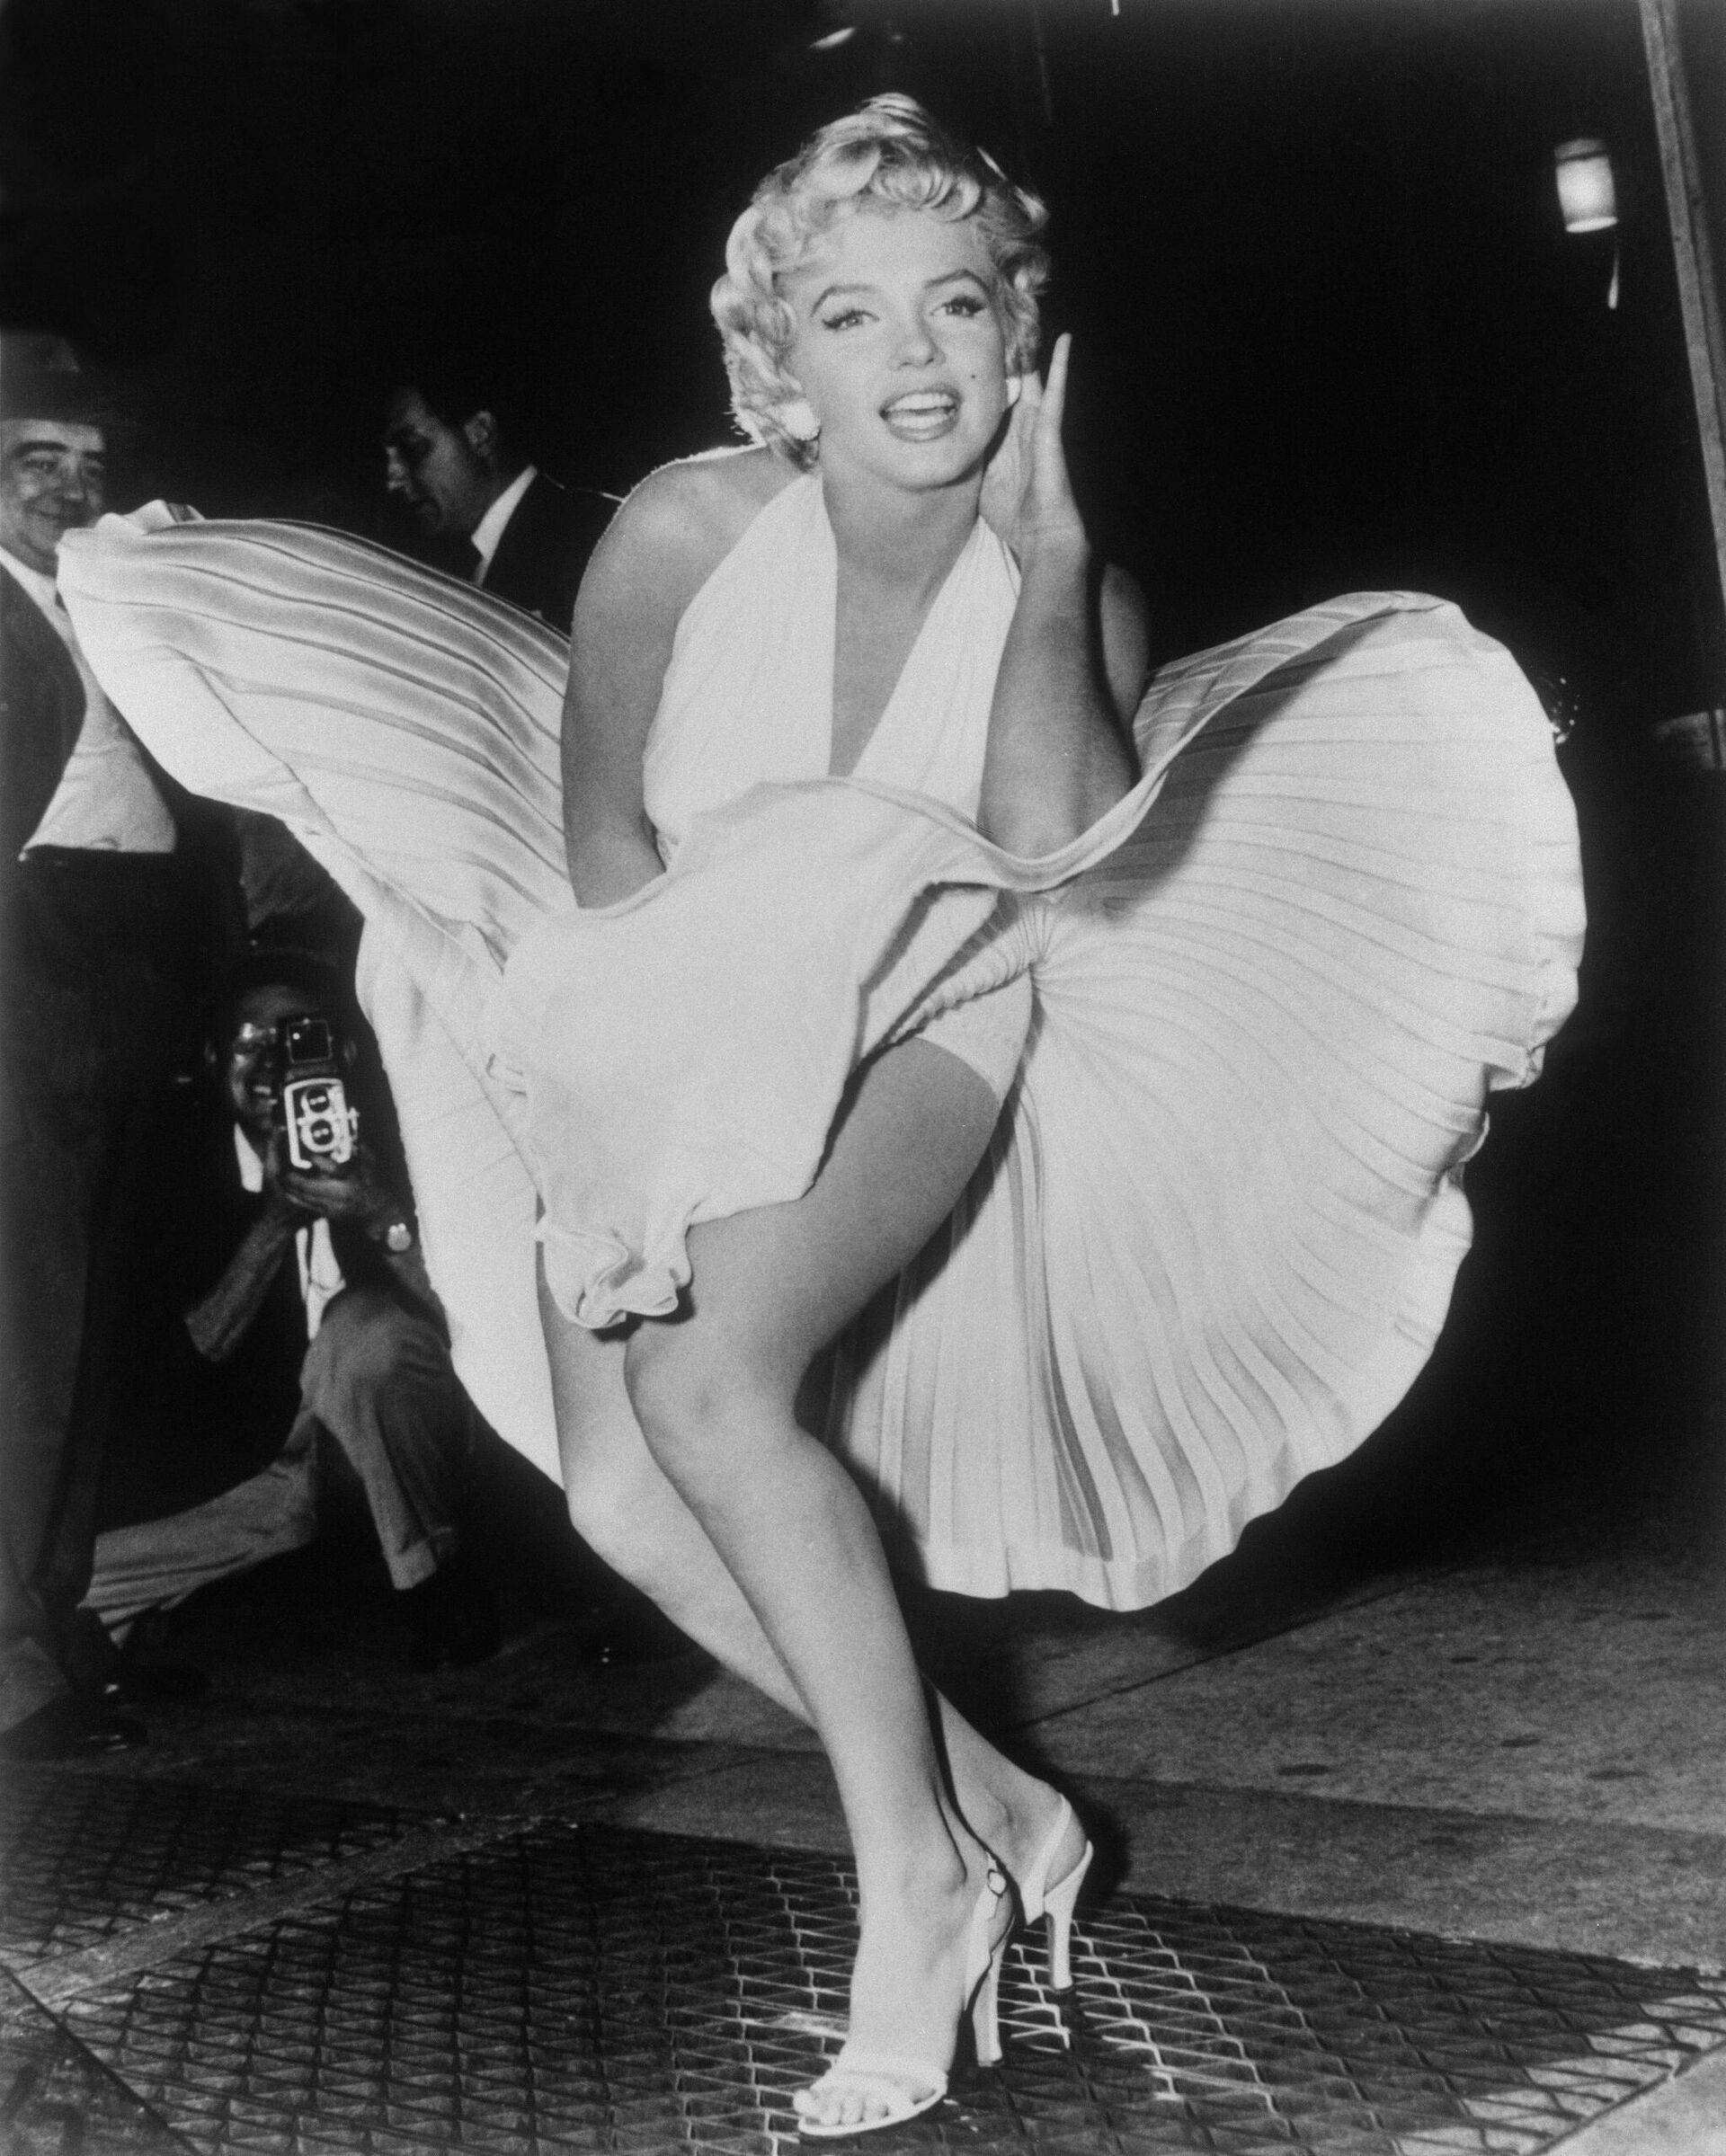 Мэрилин Монро позирует во время съемок фильма Зуд седьмого года на Манхэттене. 9 сентября 1954 года - РИА Новости, 1920, 24.11.2020